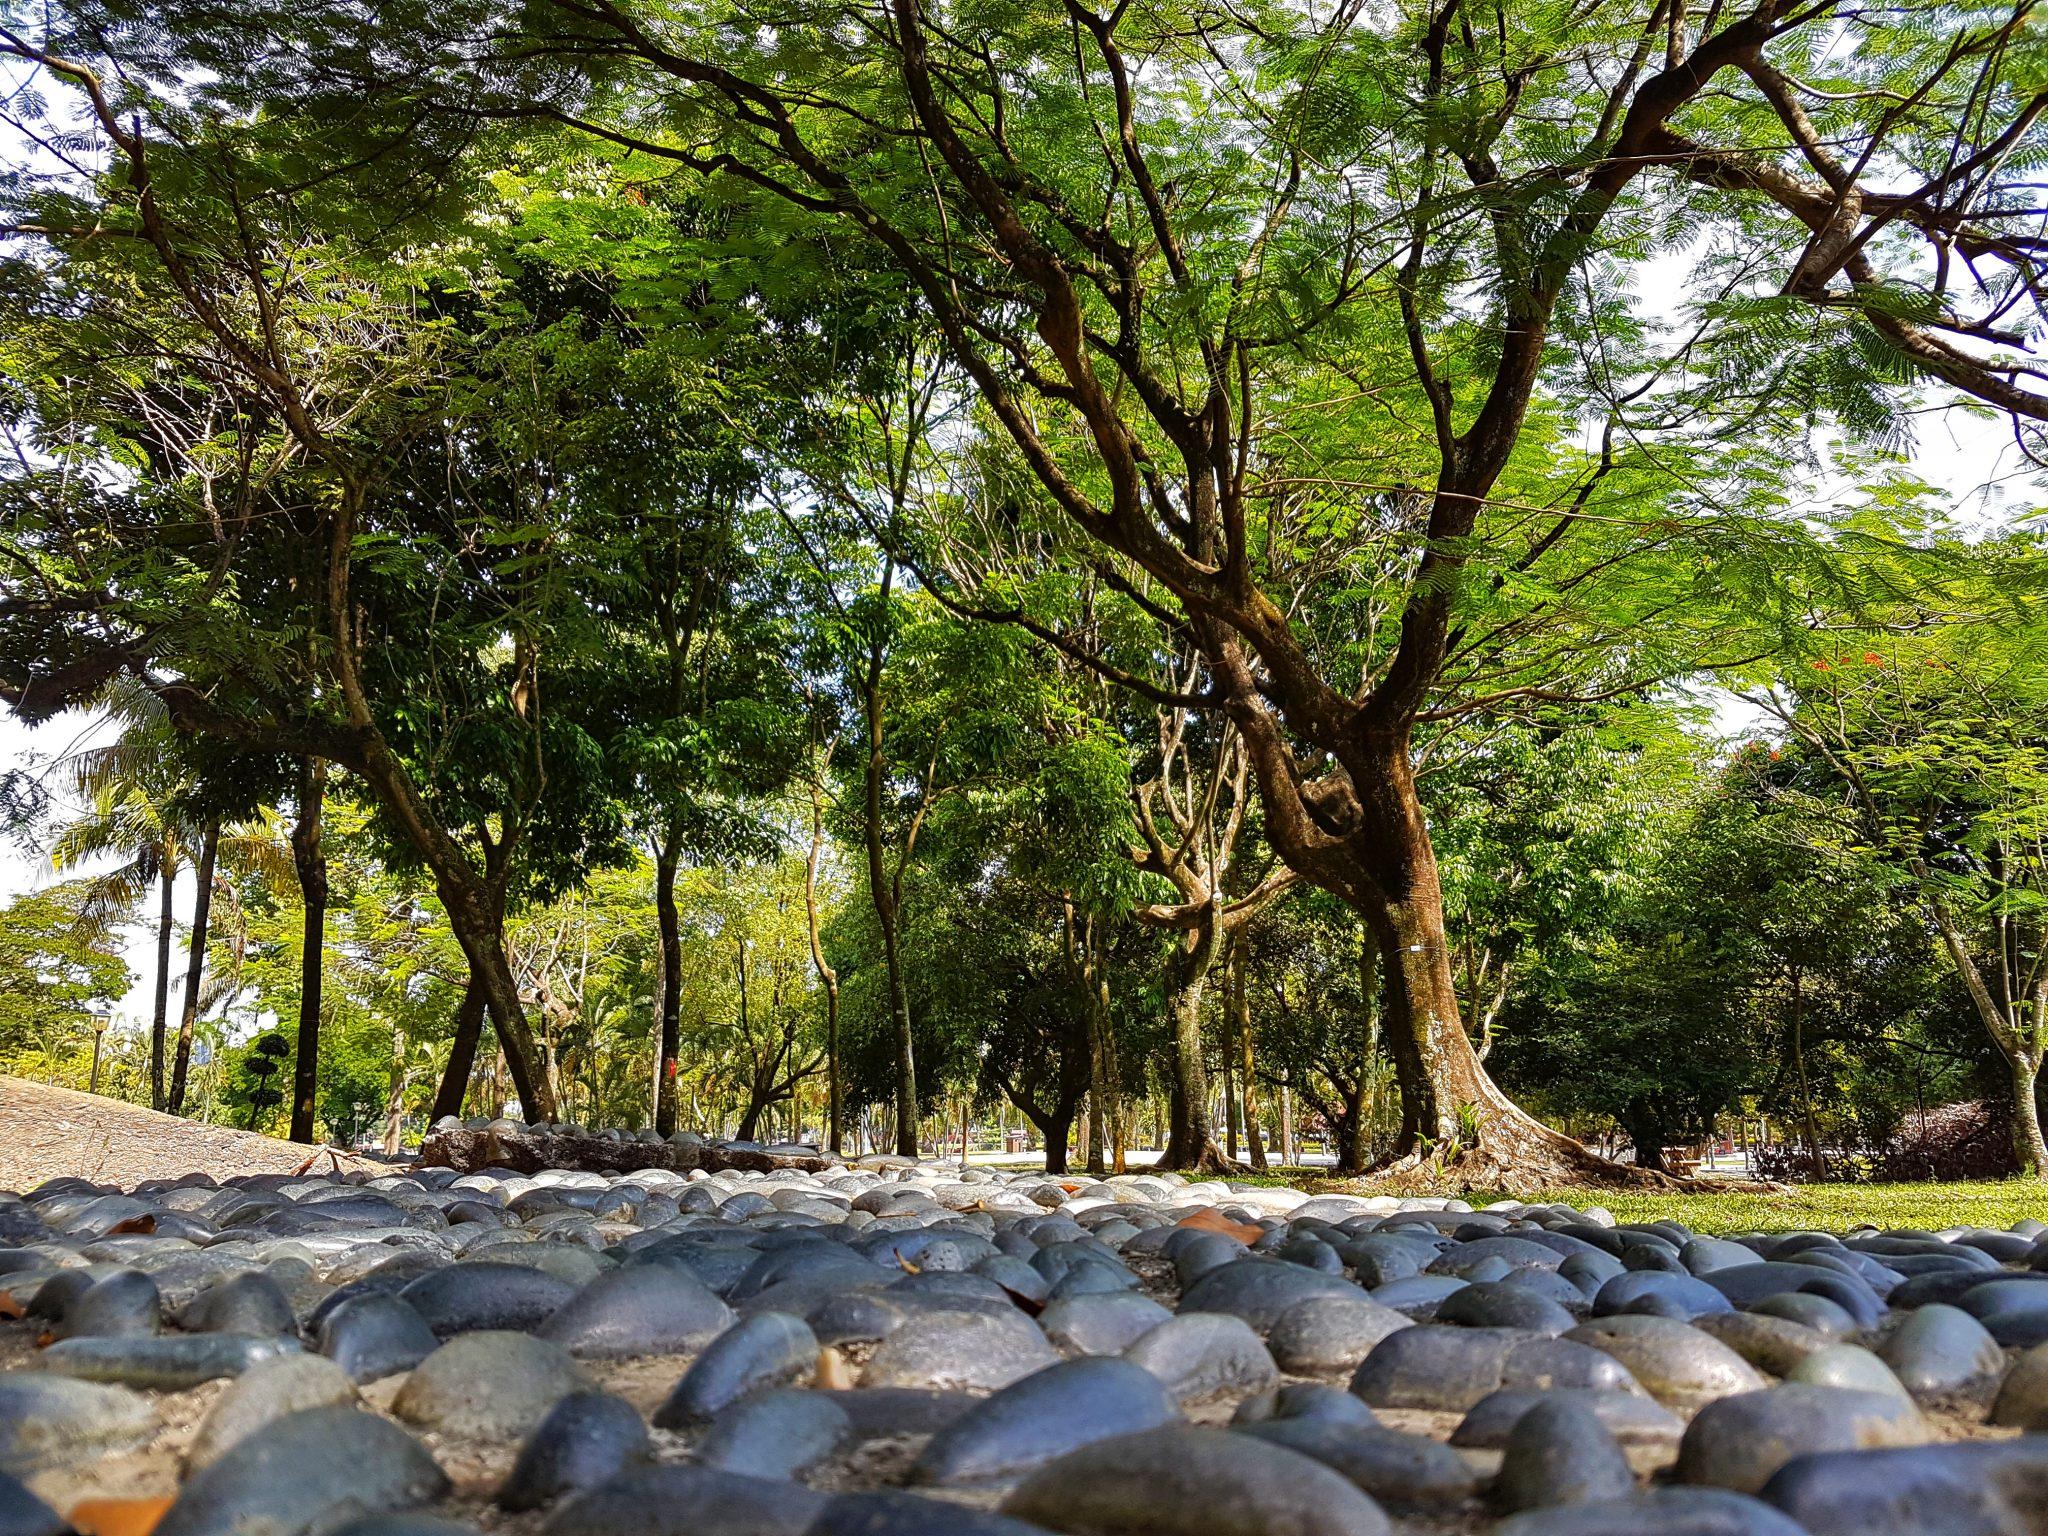 Frøperspektiv af skov ved alternativ behandling